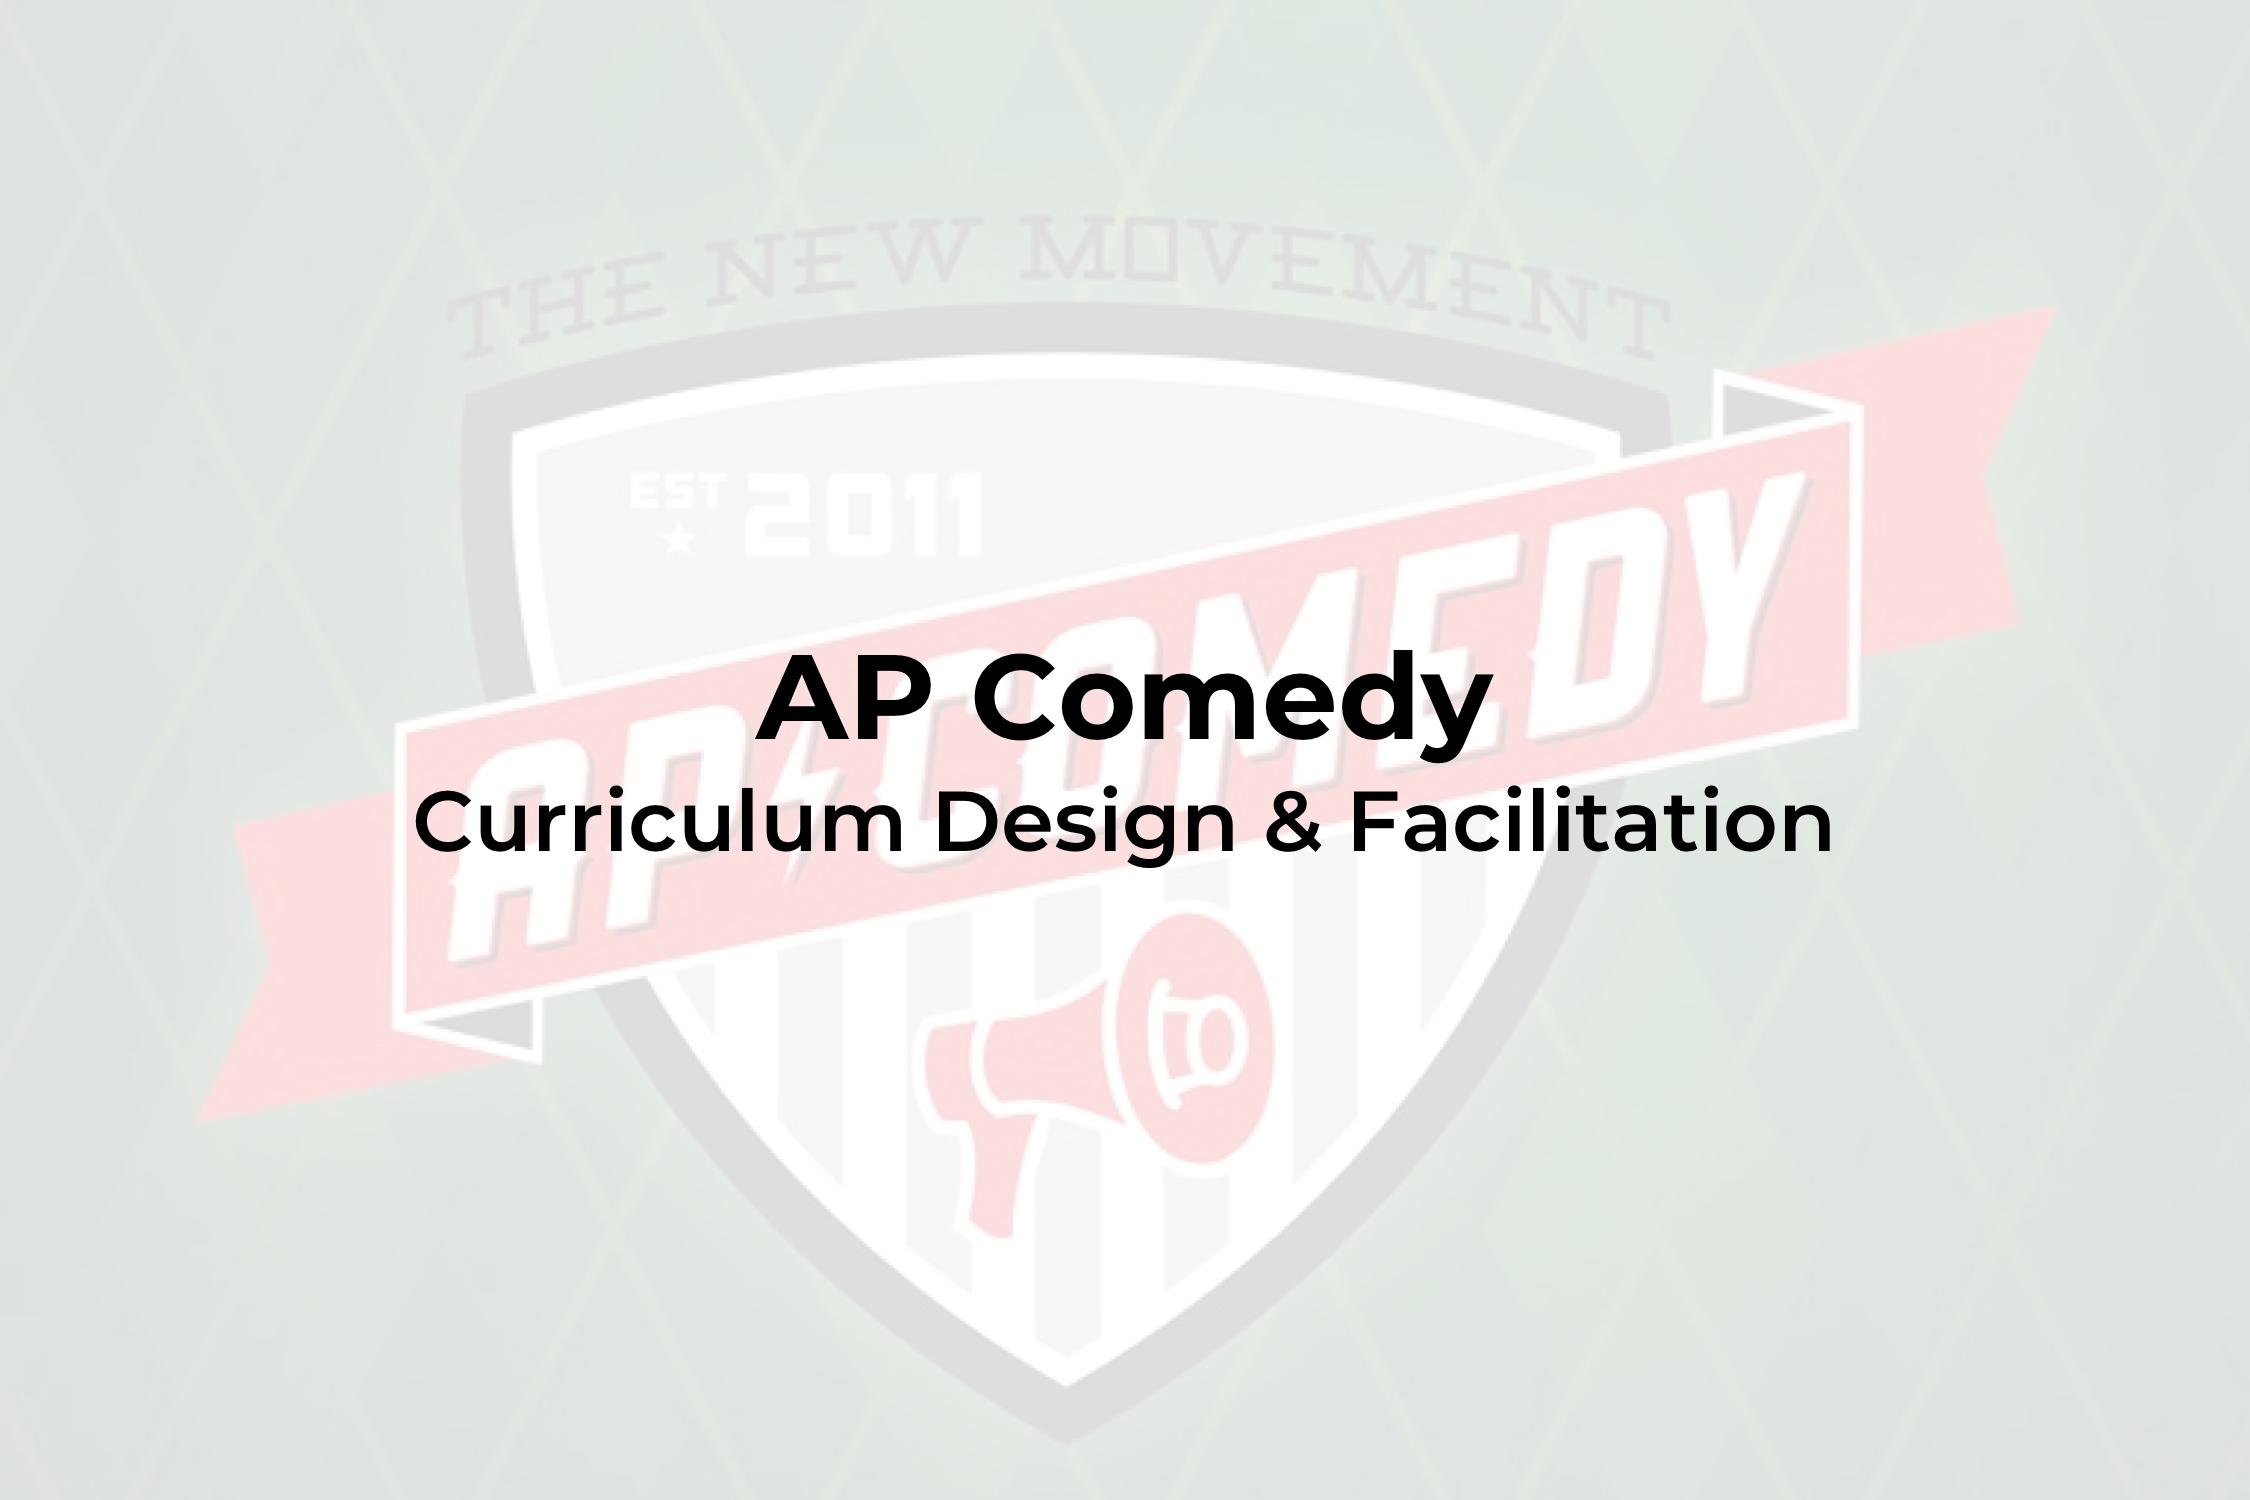 APComedy_w_title_logo.png